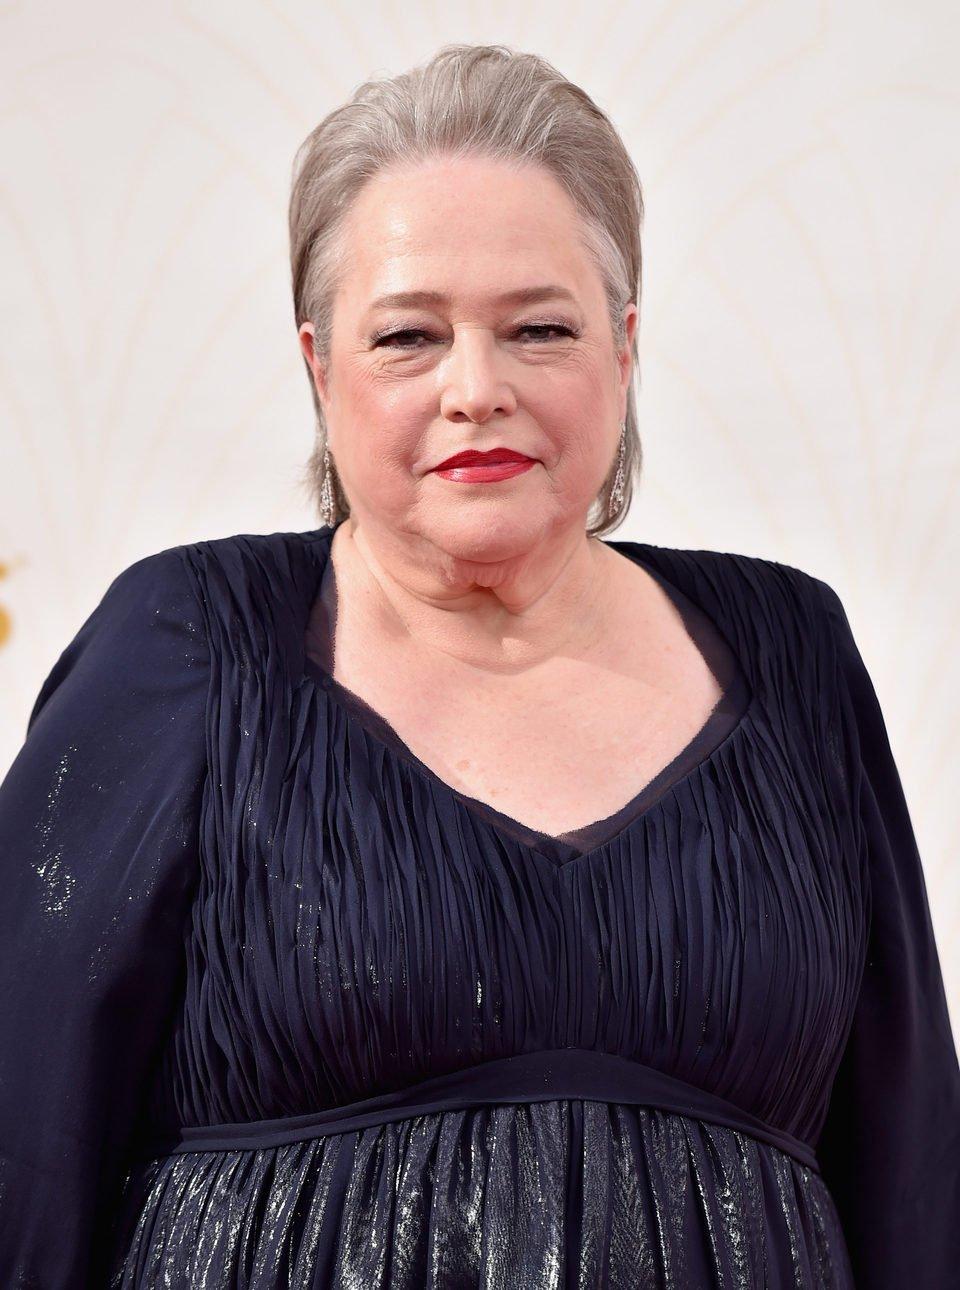 Kathy Bates en la alfombra roja de los Premios Emmy 2015